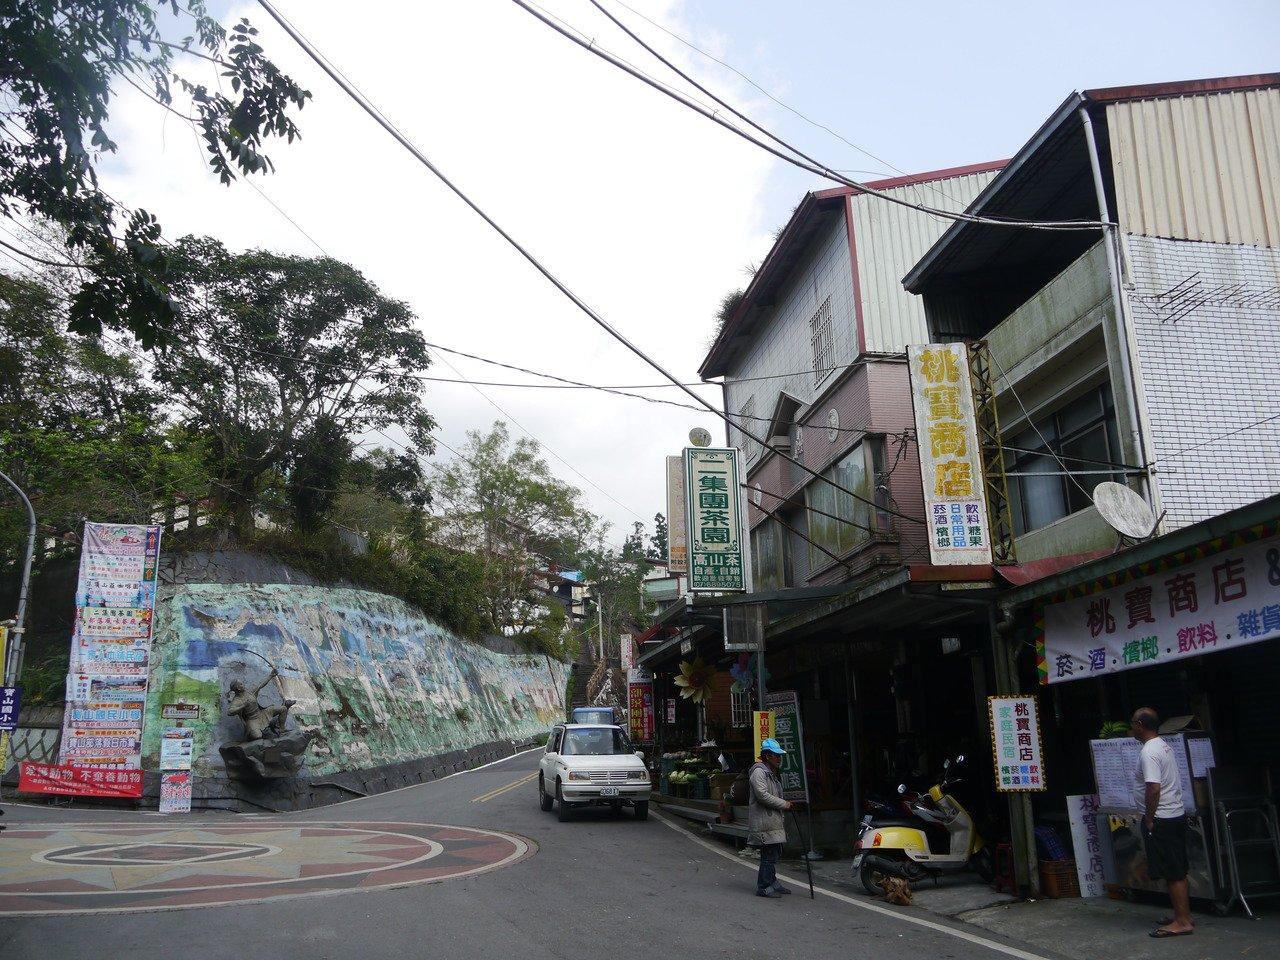 高雄二集團部落距離著名的「藤枝森林遊樂區」不遠,八八風災後沒有公車上山,部落長輩...